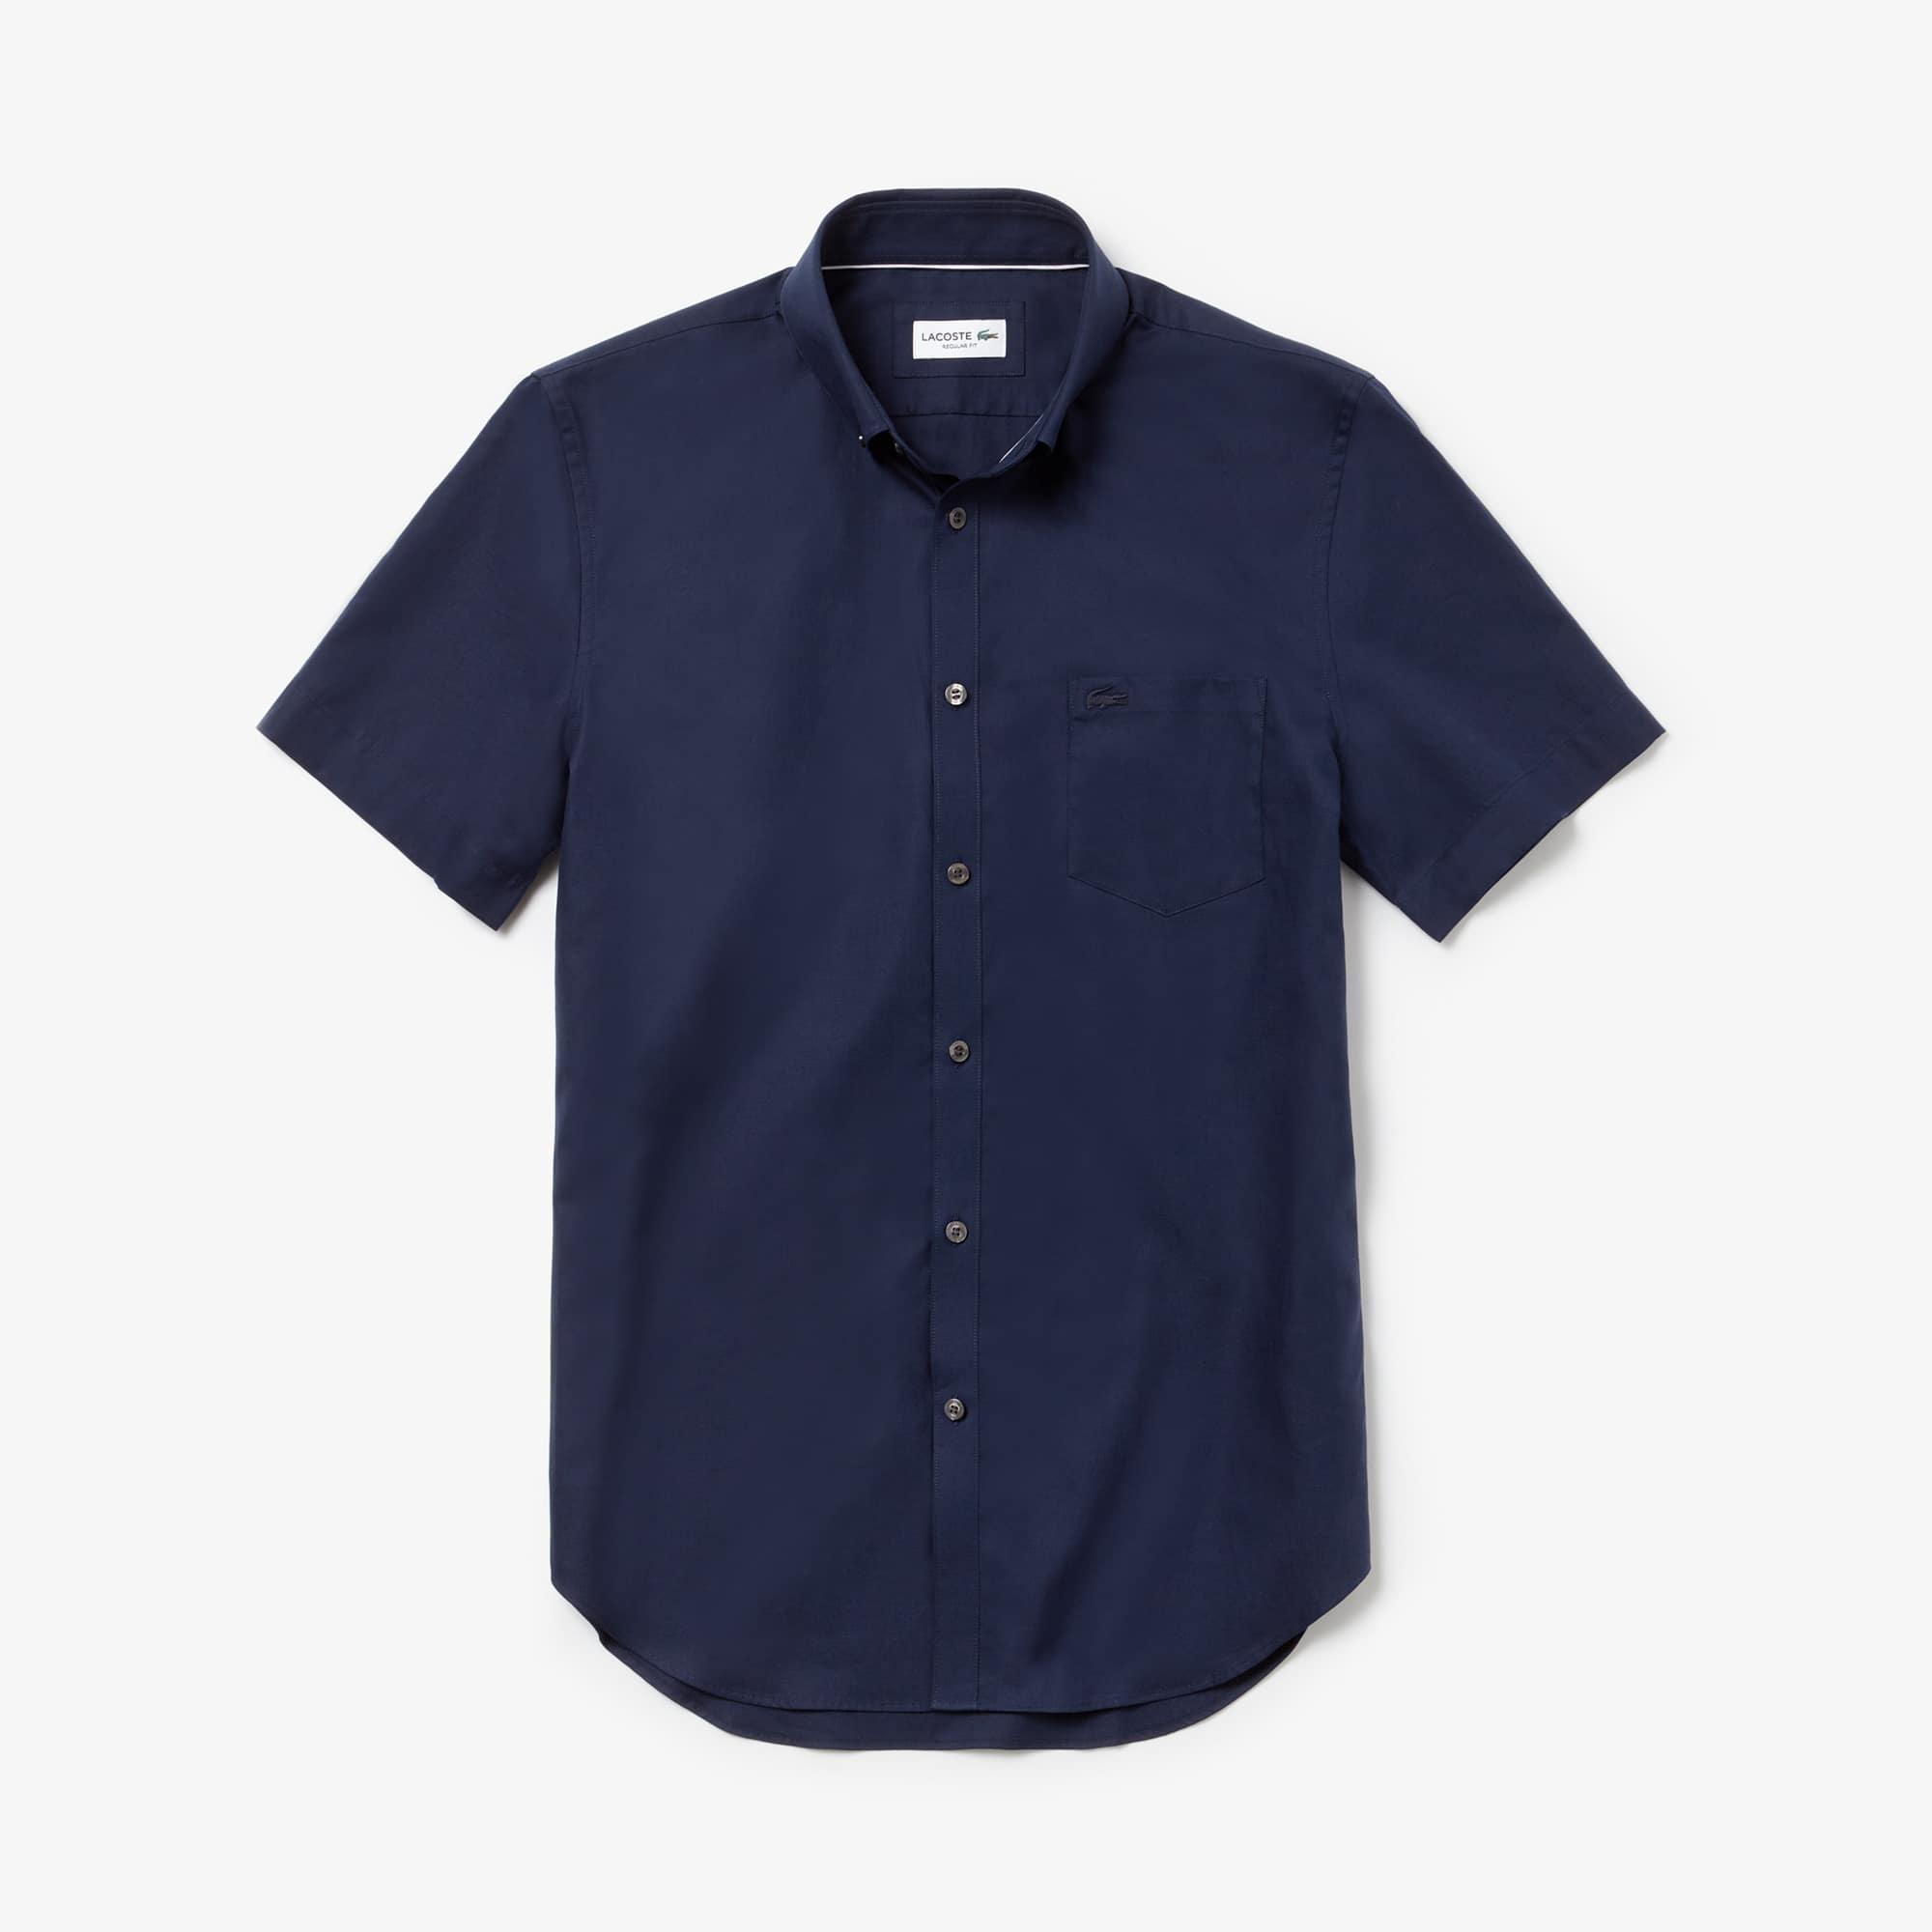 라코스테 Lacoste Mens Regular Fit Mini Pique Shirt,navy blue / navy blue